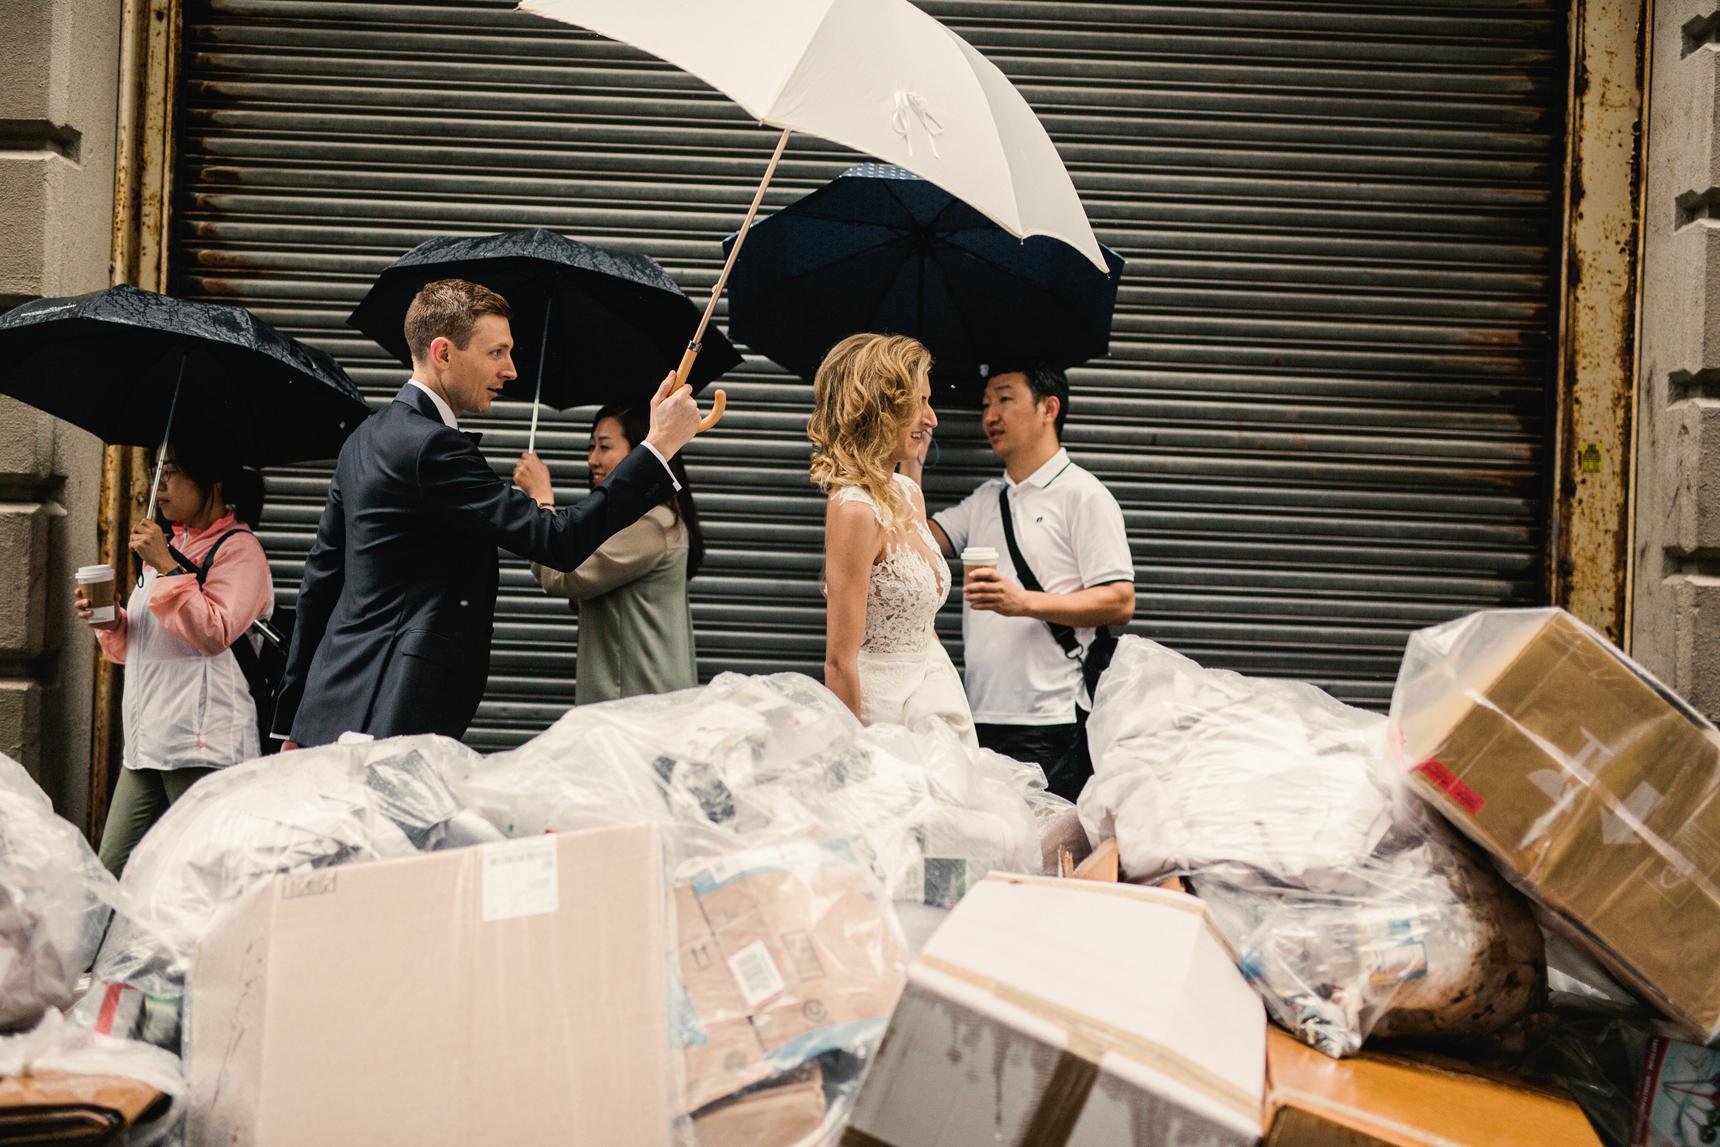 Jory_LoebBoathouse_CentralPark_NewYork_WeddingPhotographer047.jpg